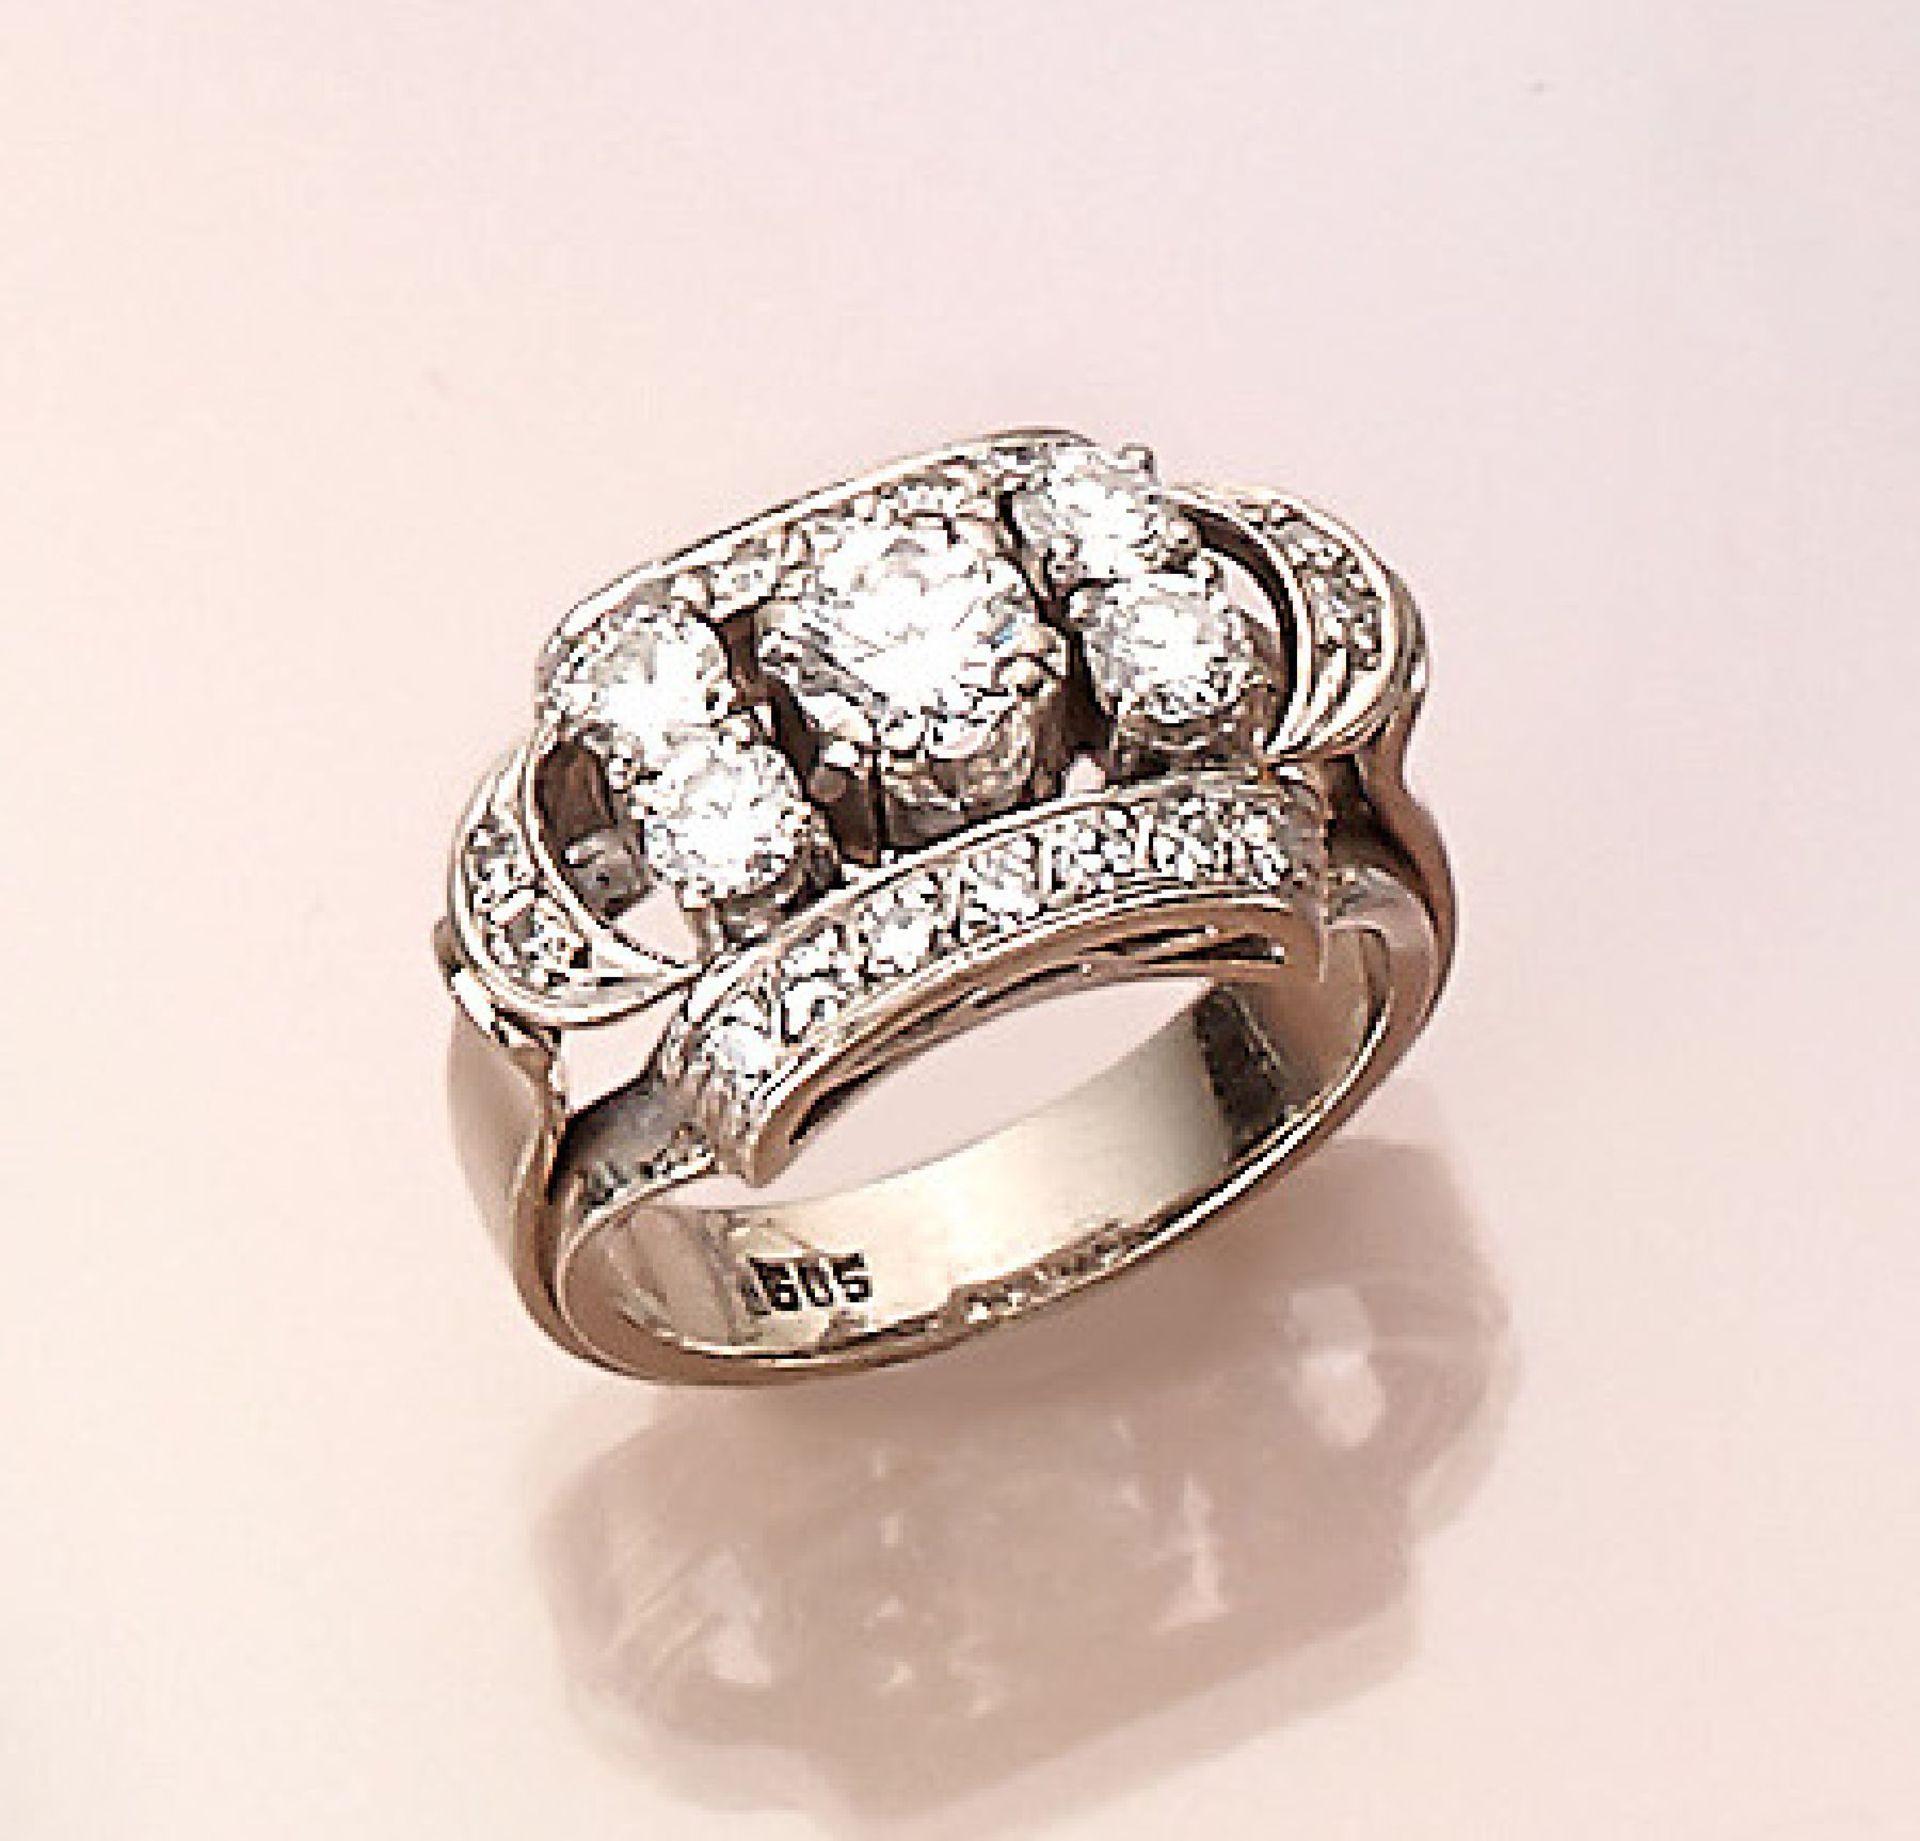 Los 21528 - 14 kt Gold Ring mit Diamanten, WG 585/000, 1950er Jahre, 5 Brillanten zus. ca. 1.10 ct feines Weiß/